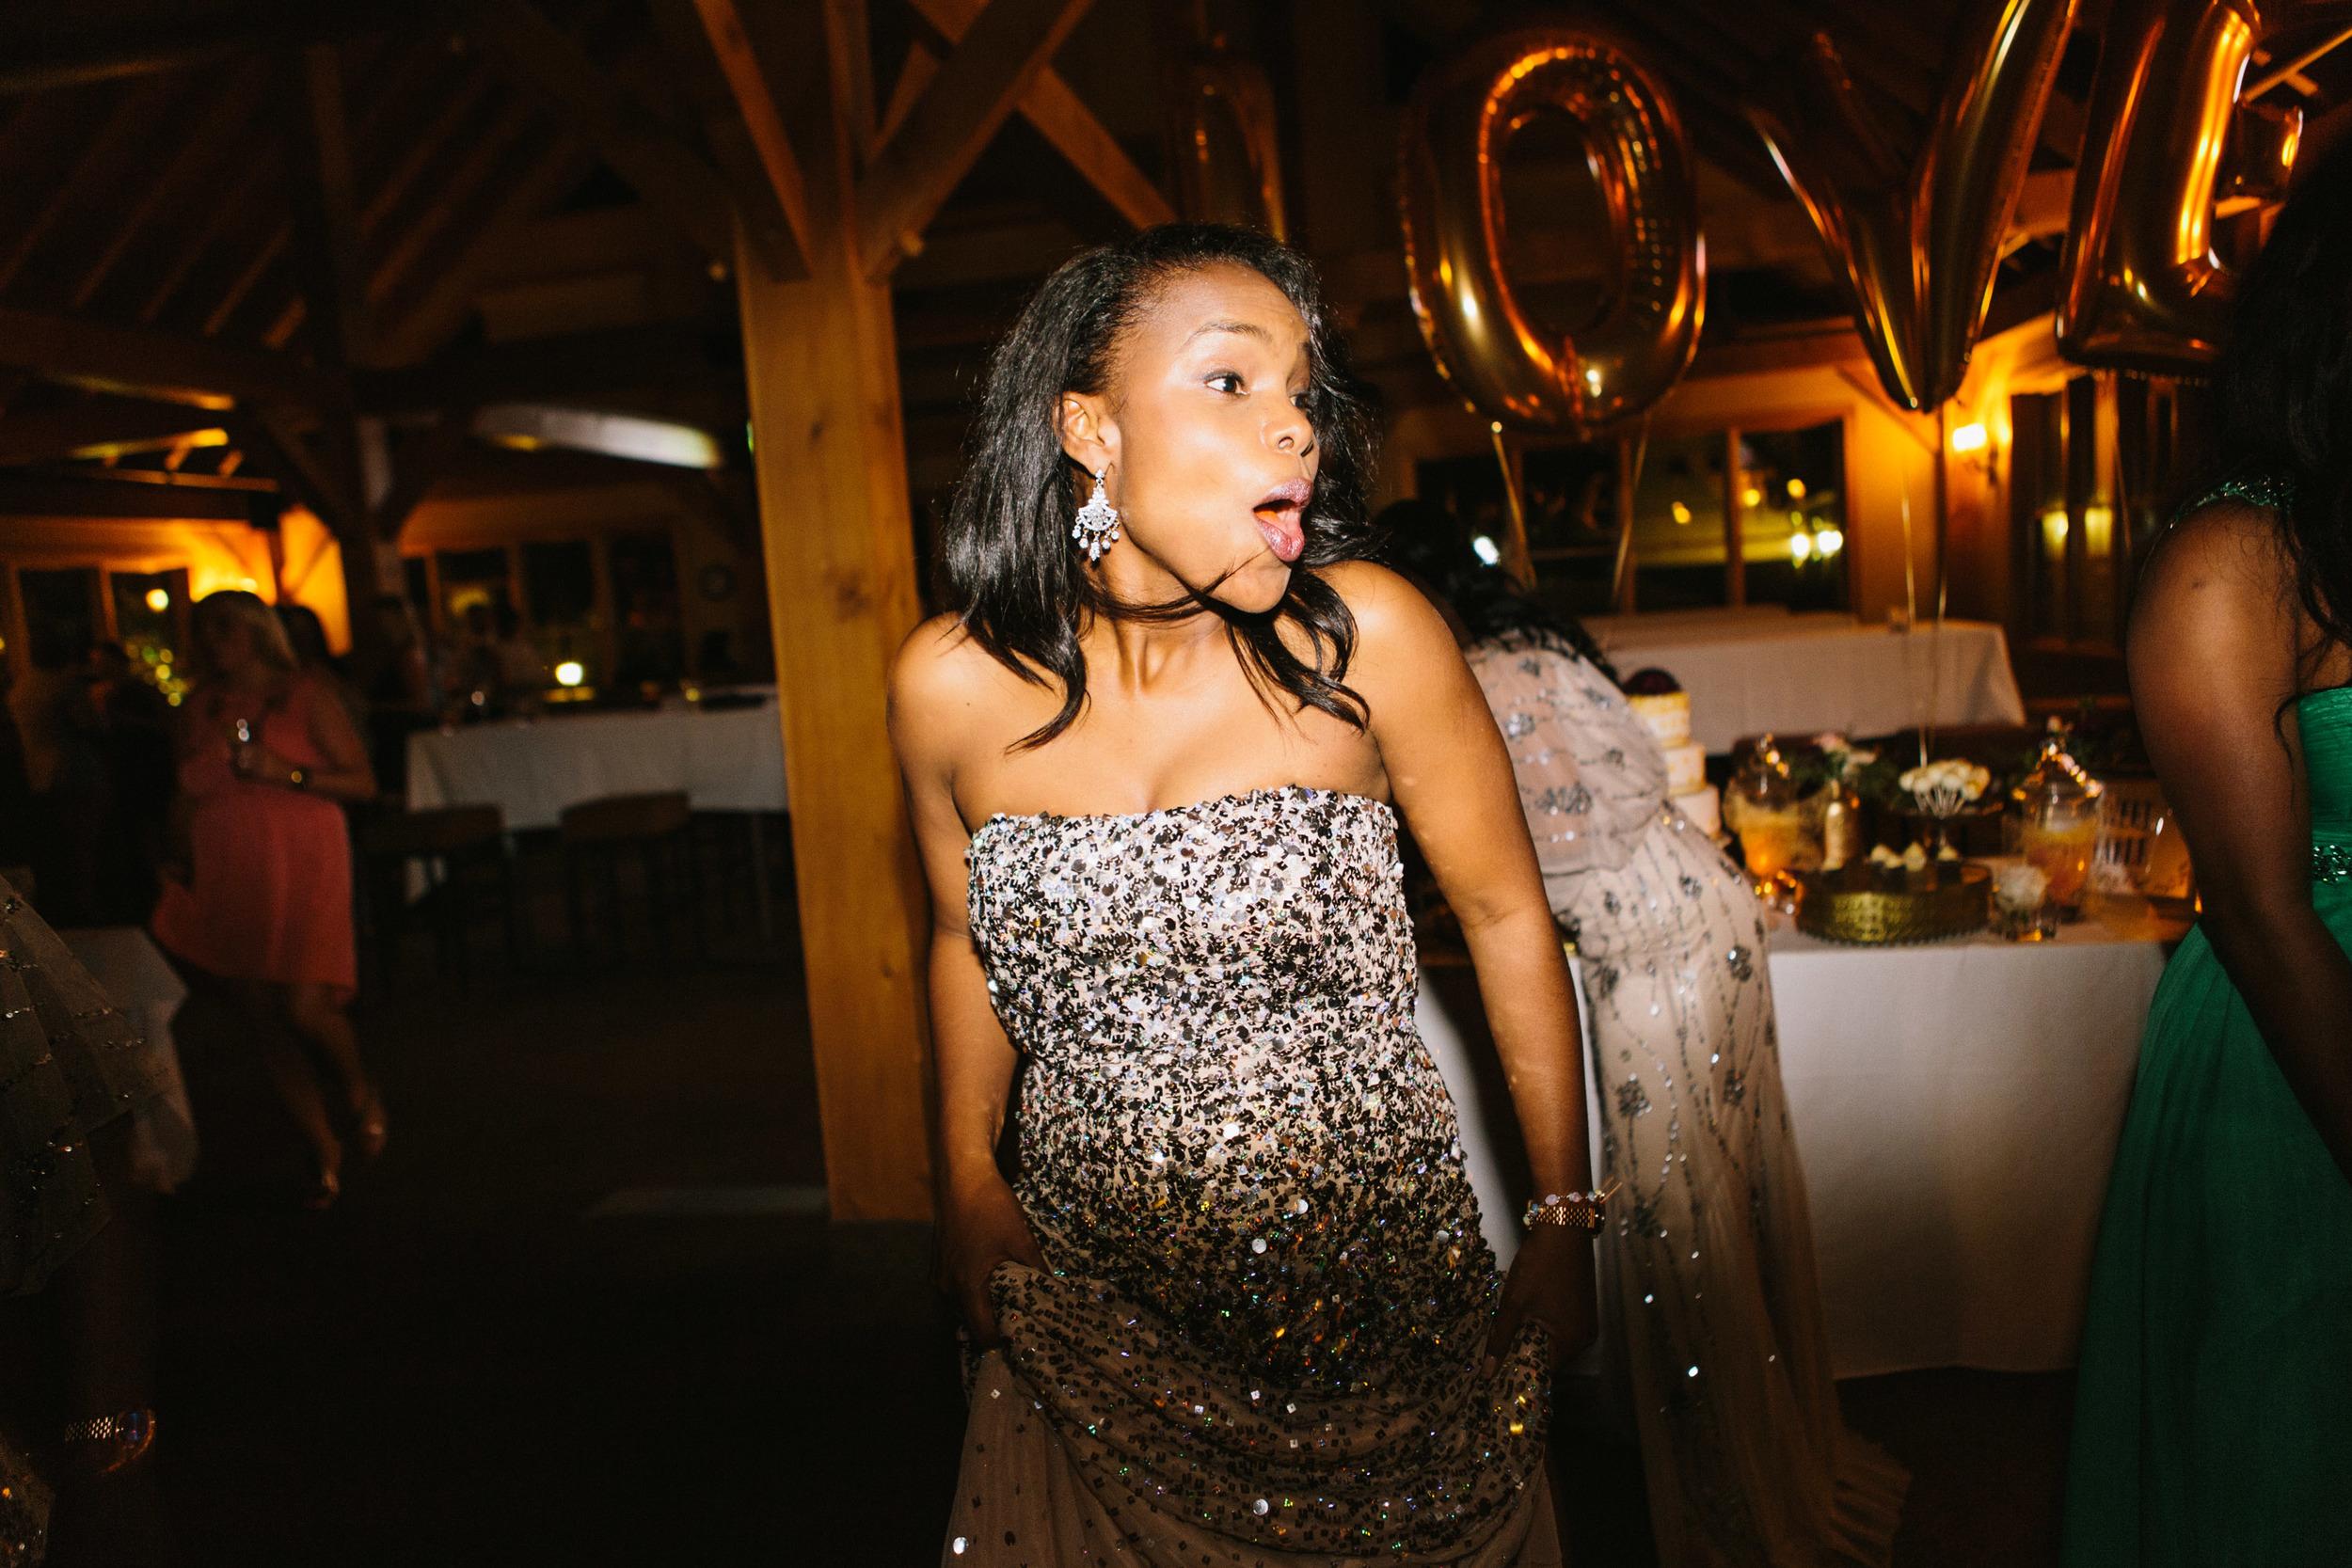 michael-rousseau-photography-shannae-ingleton-wedding-sean-craigleith-ski-club-wedding096.jpg